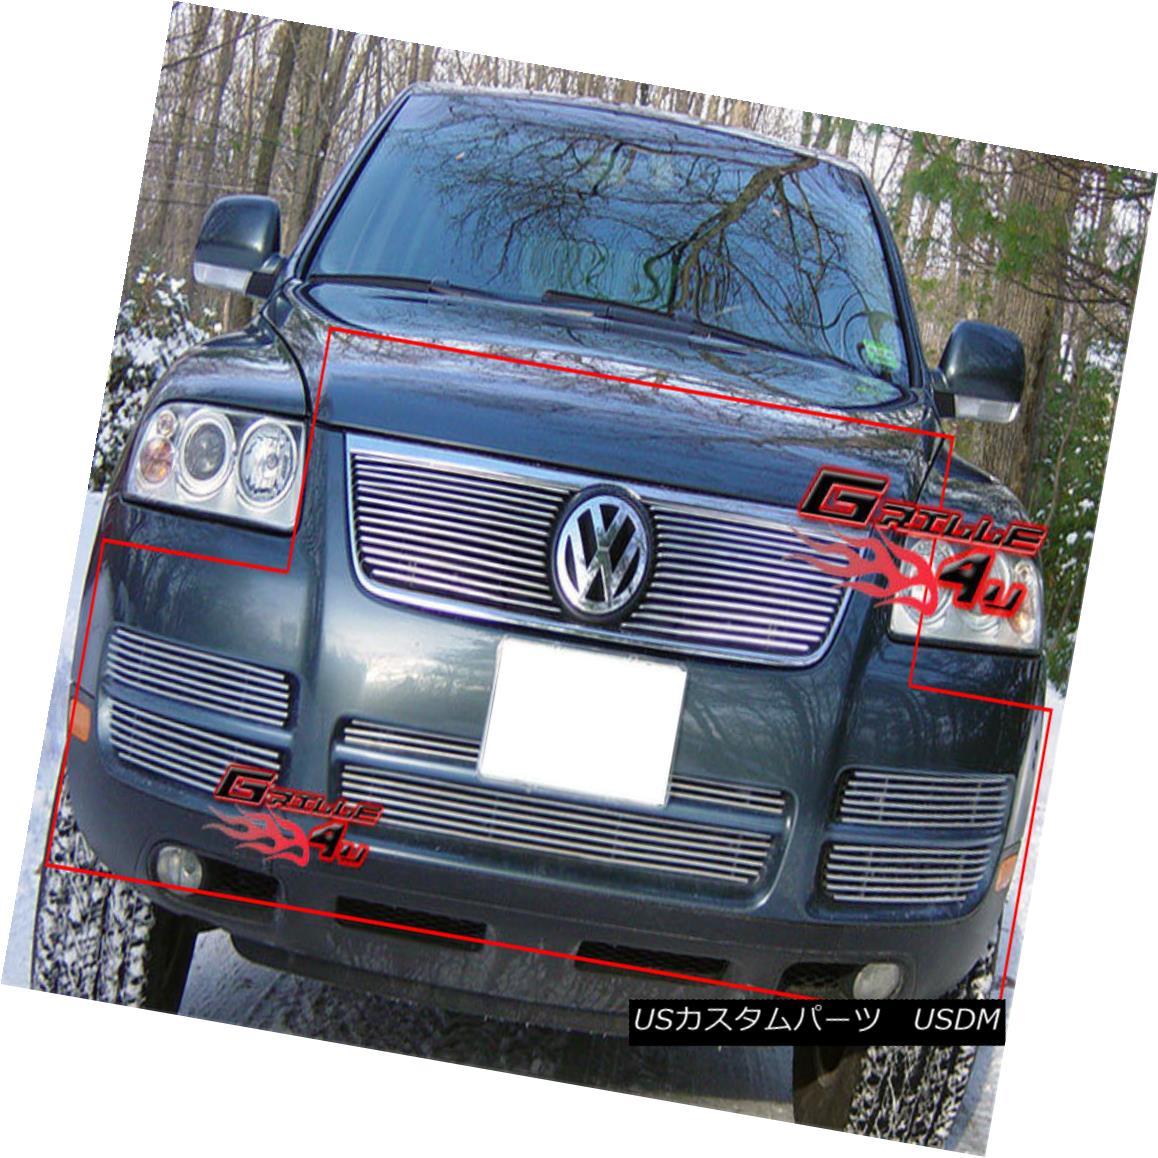 グリル Fits 2003-2007 Volkswagen VW Touareg V6 Billet Grille Combo フィット2003 - 2007年フォルクスワーゲンVWトゥアレグV6ビレットグリルコンボ